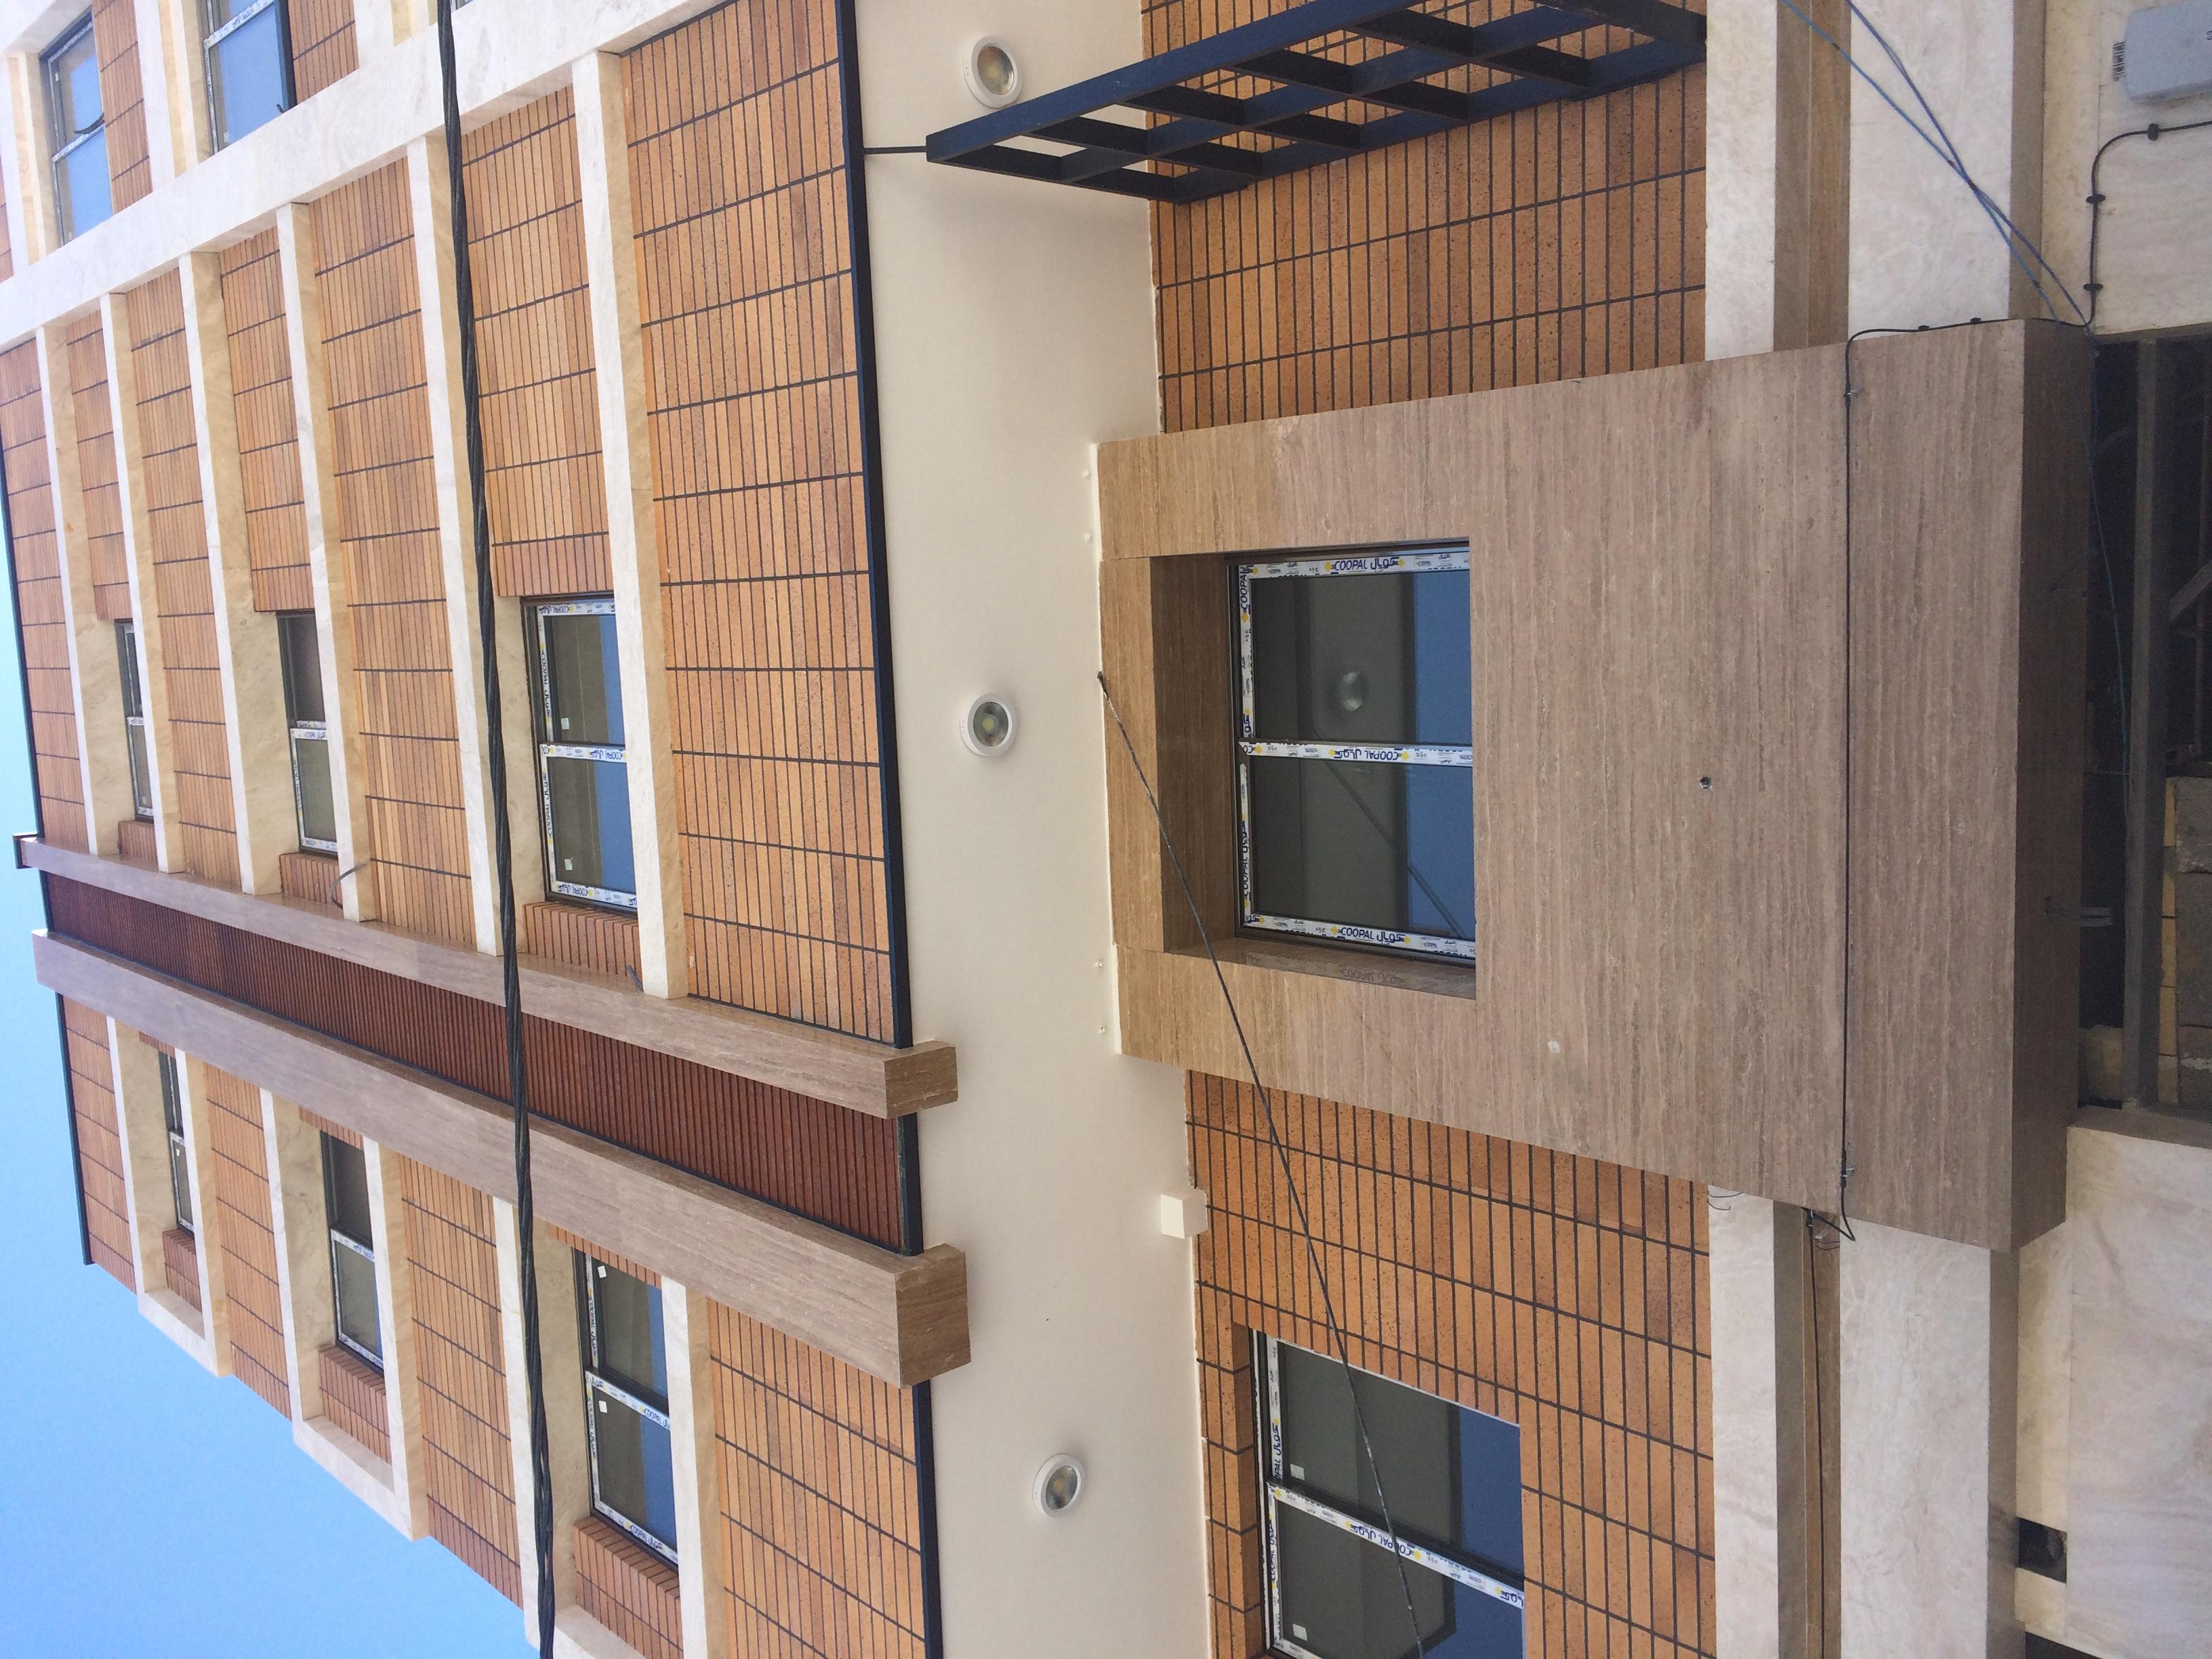 فروش آپارتمان اداری در اصفهان، وحید و حسین اباد-اداری در اصفهان|سراملک